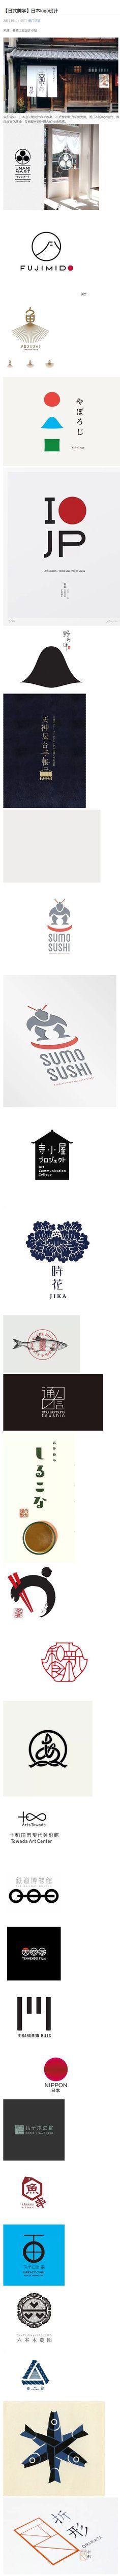 【日式美学】日本logo设计@^_^嘻嘻采集到字体设计(249图)_花瓣